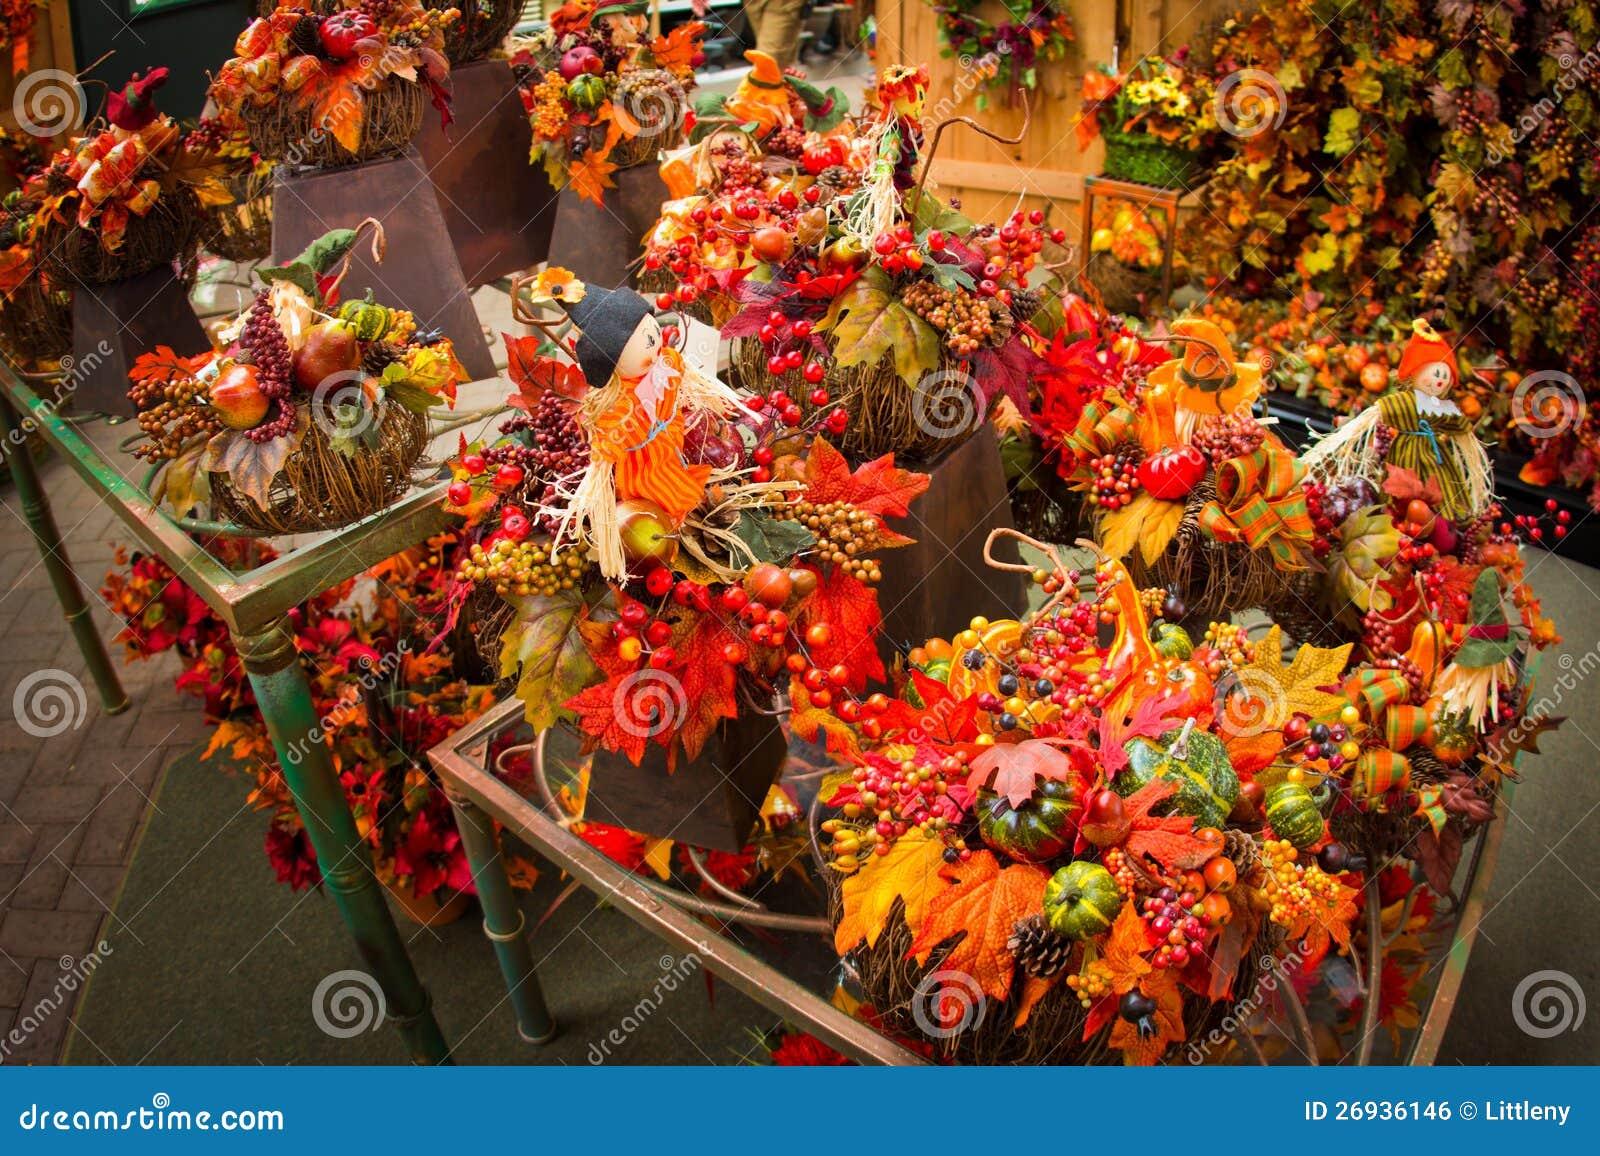 Autumn Floral Arrangements Stock Photo Image Of Design